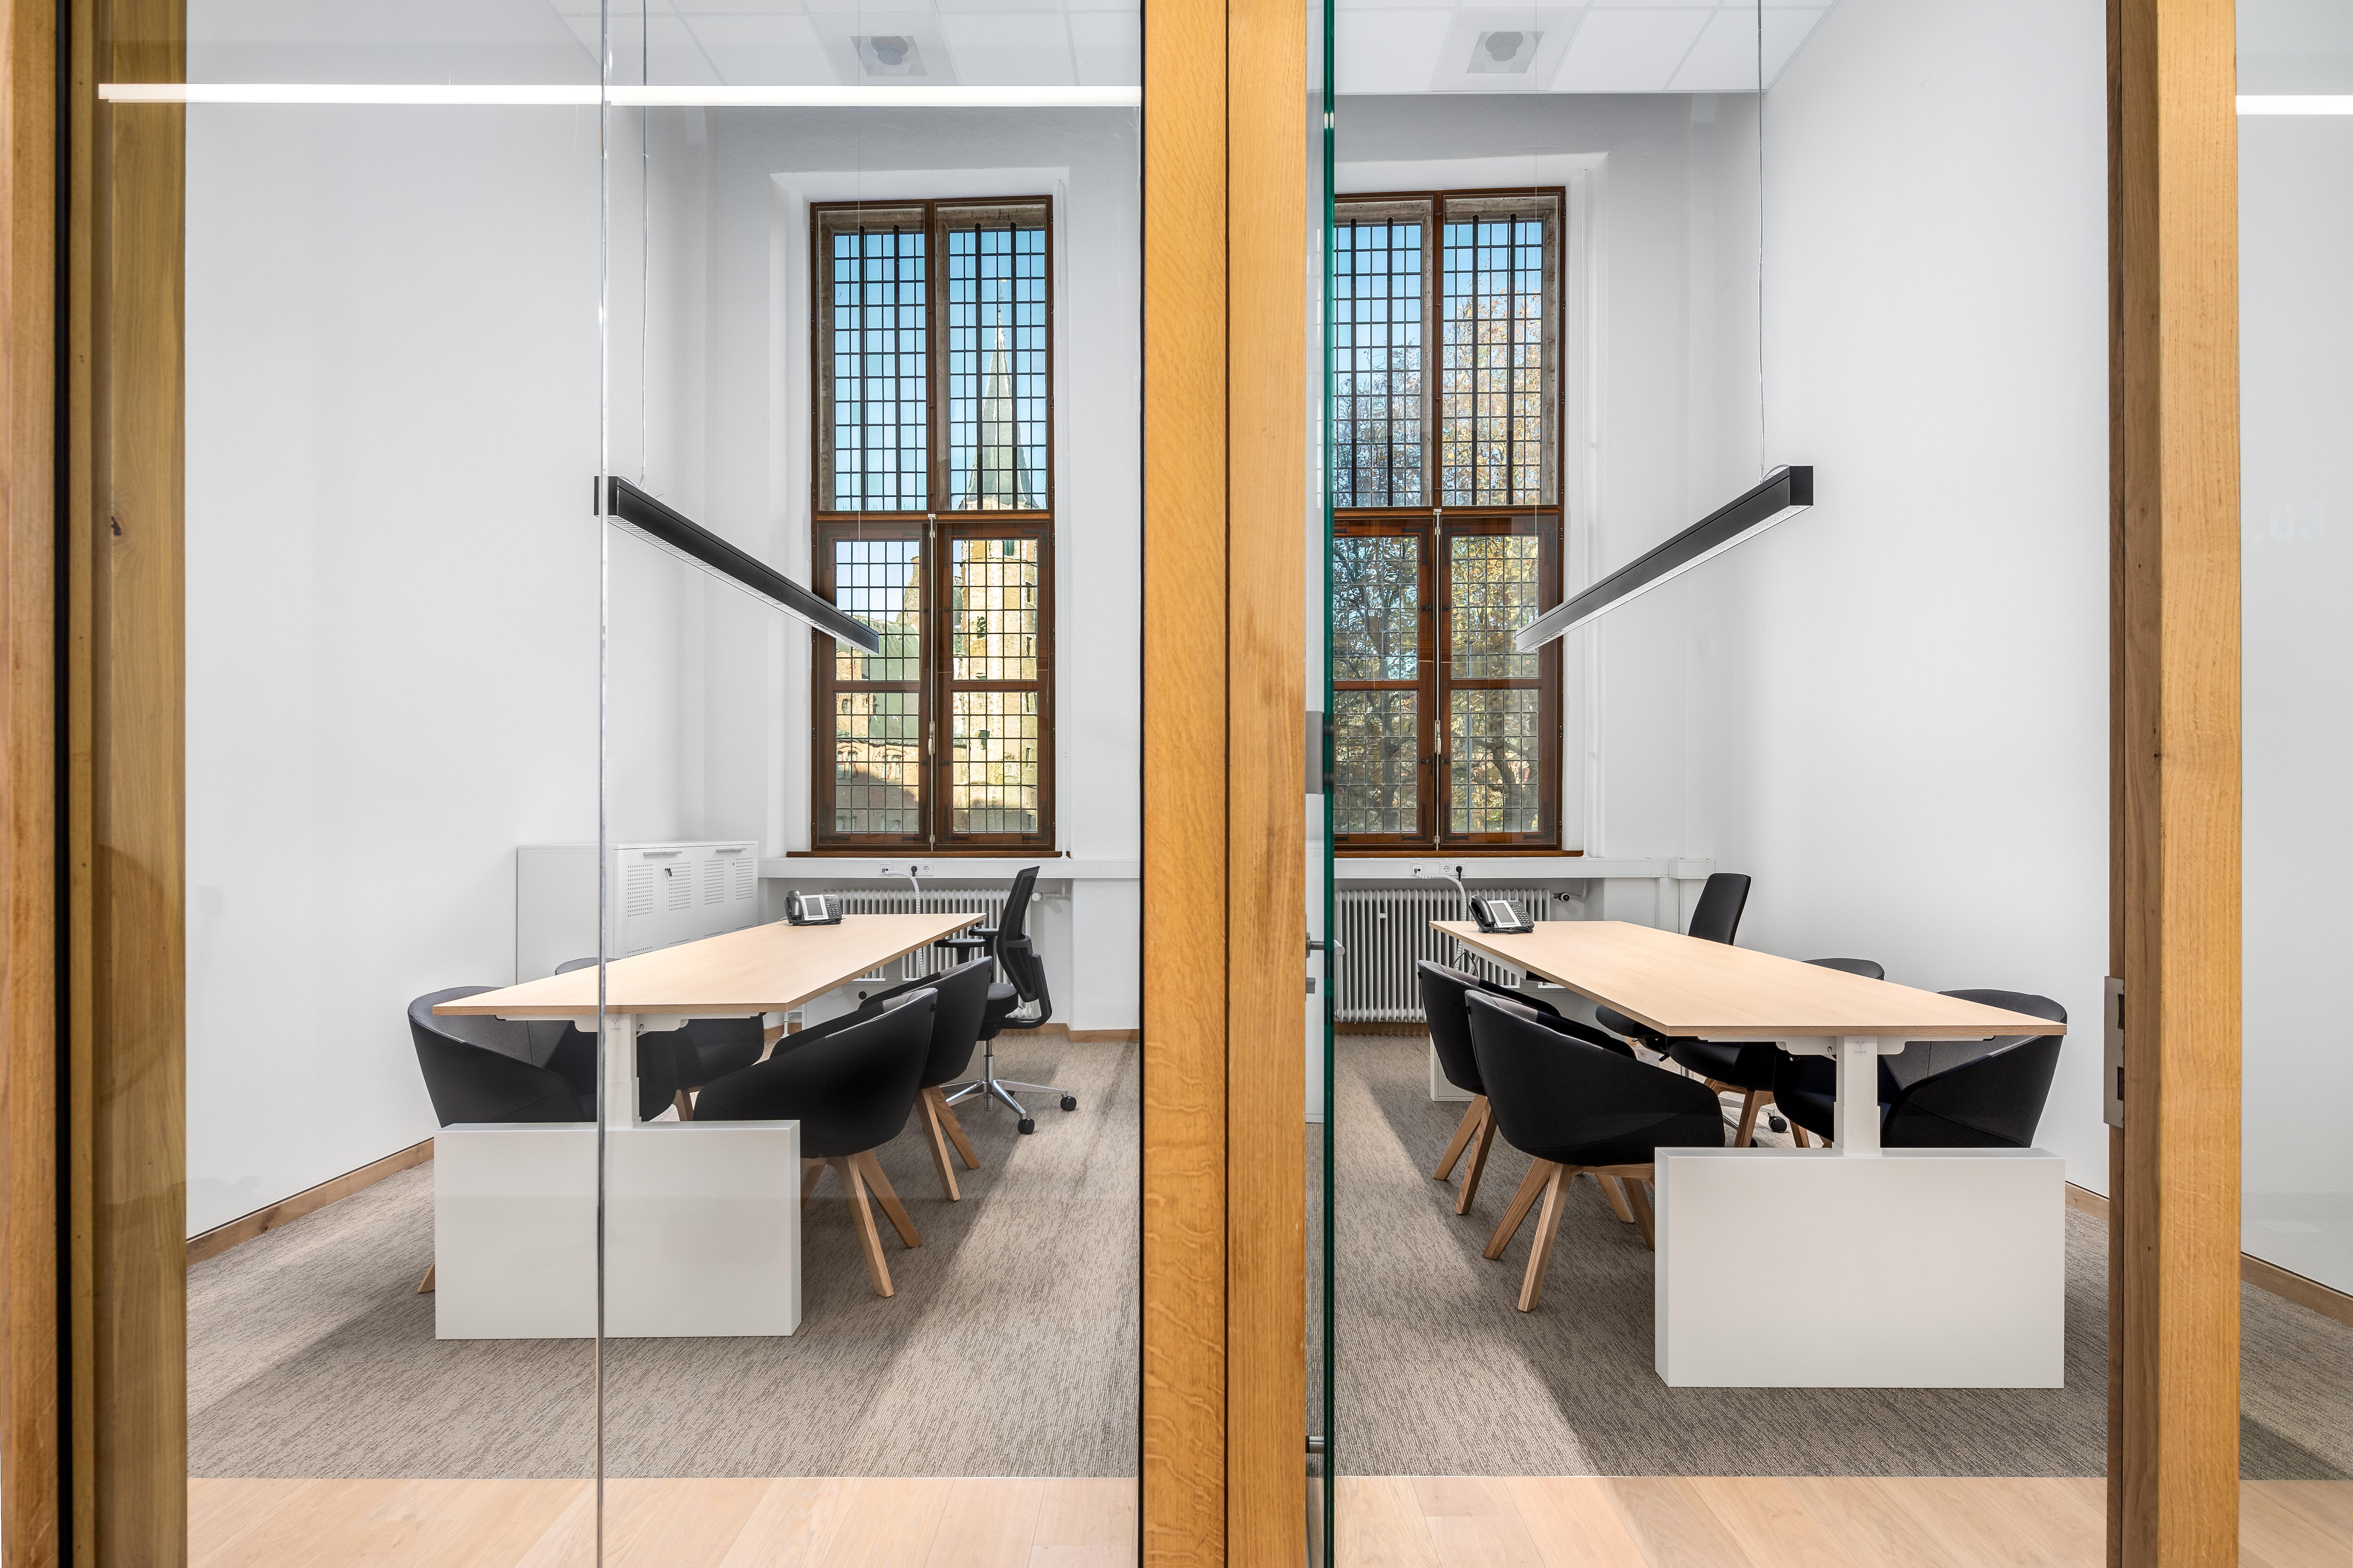 <p>Het door M+R ontworpen interieur gaat een dialoog aan met de architectuur van het gebouw. Beeld Studio de Winter | Herman de Winter</p>